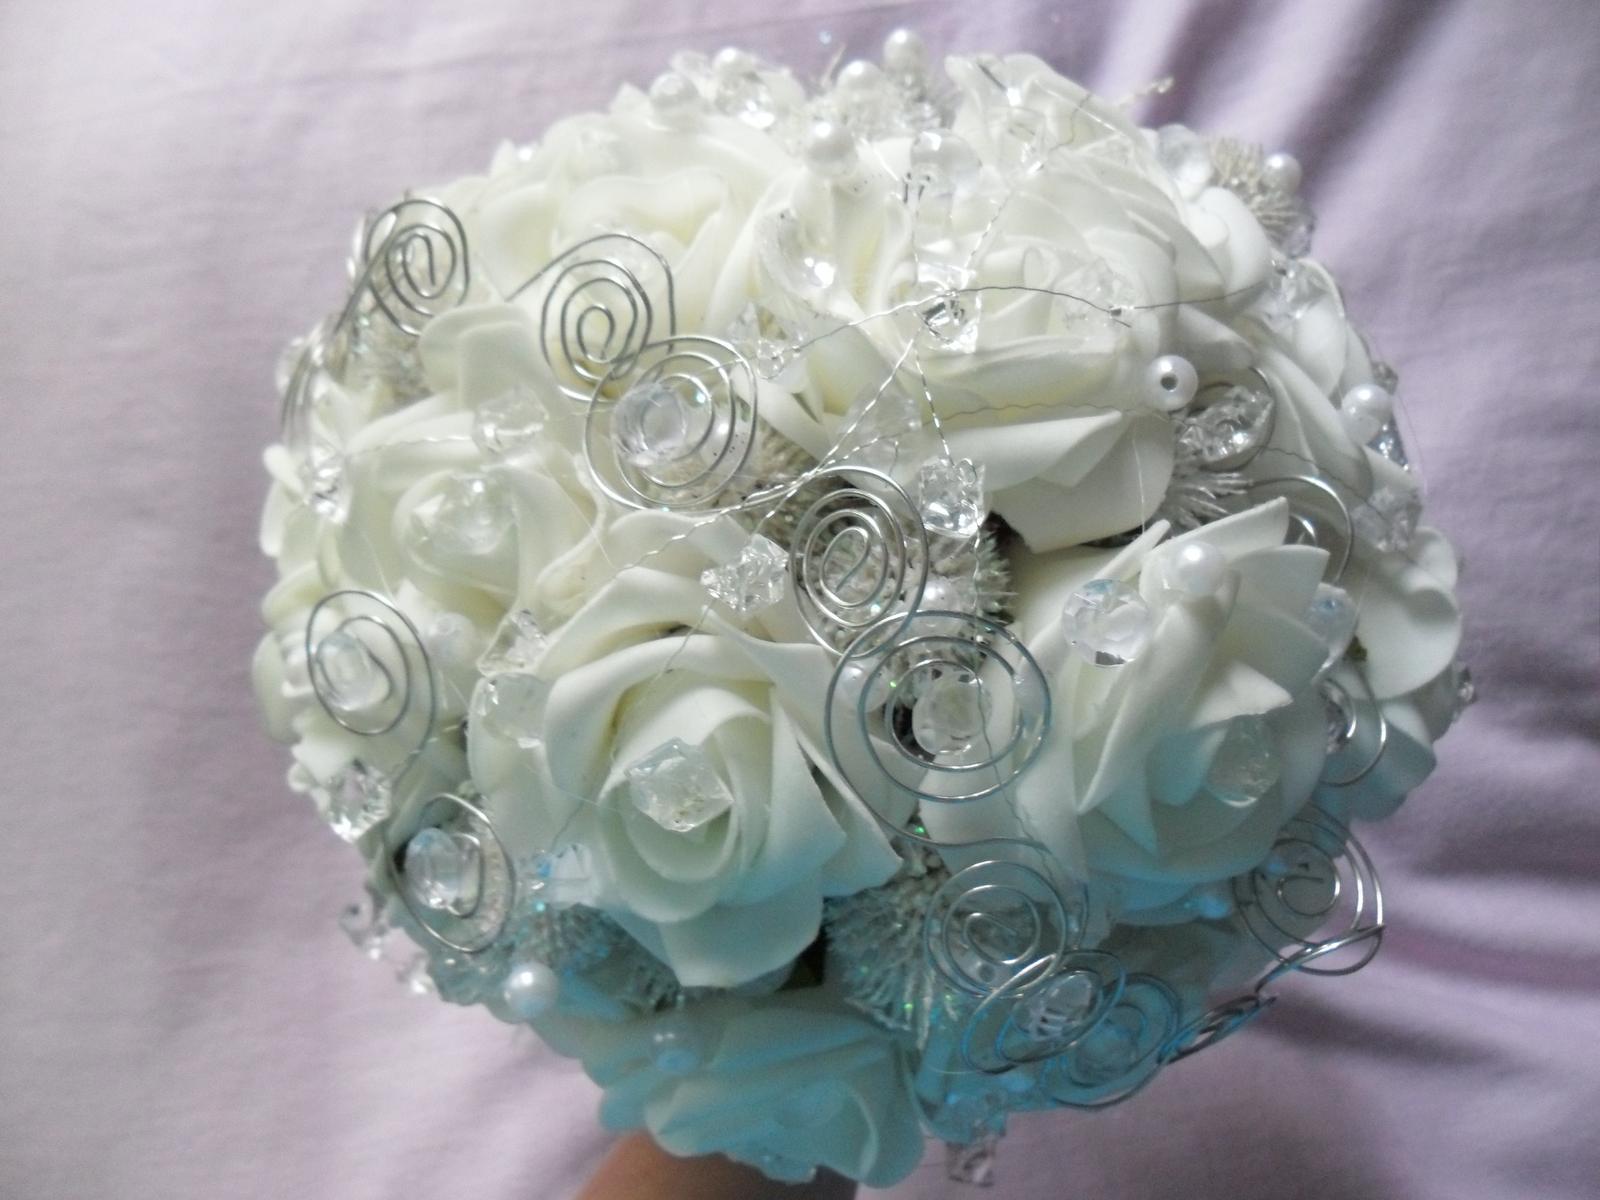 Netradiční svatební kytice - pěnové růžičky + polštářky pod prstýnky, košíčky - Obrázek č. 62